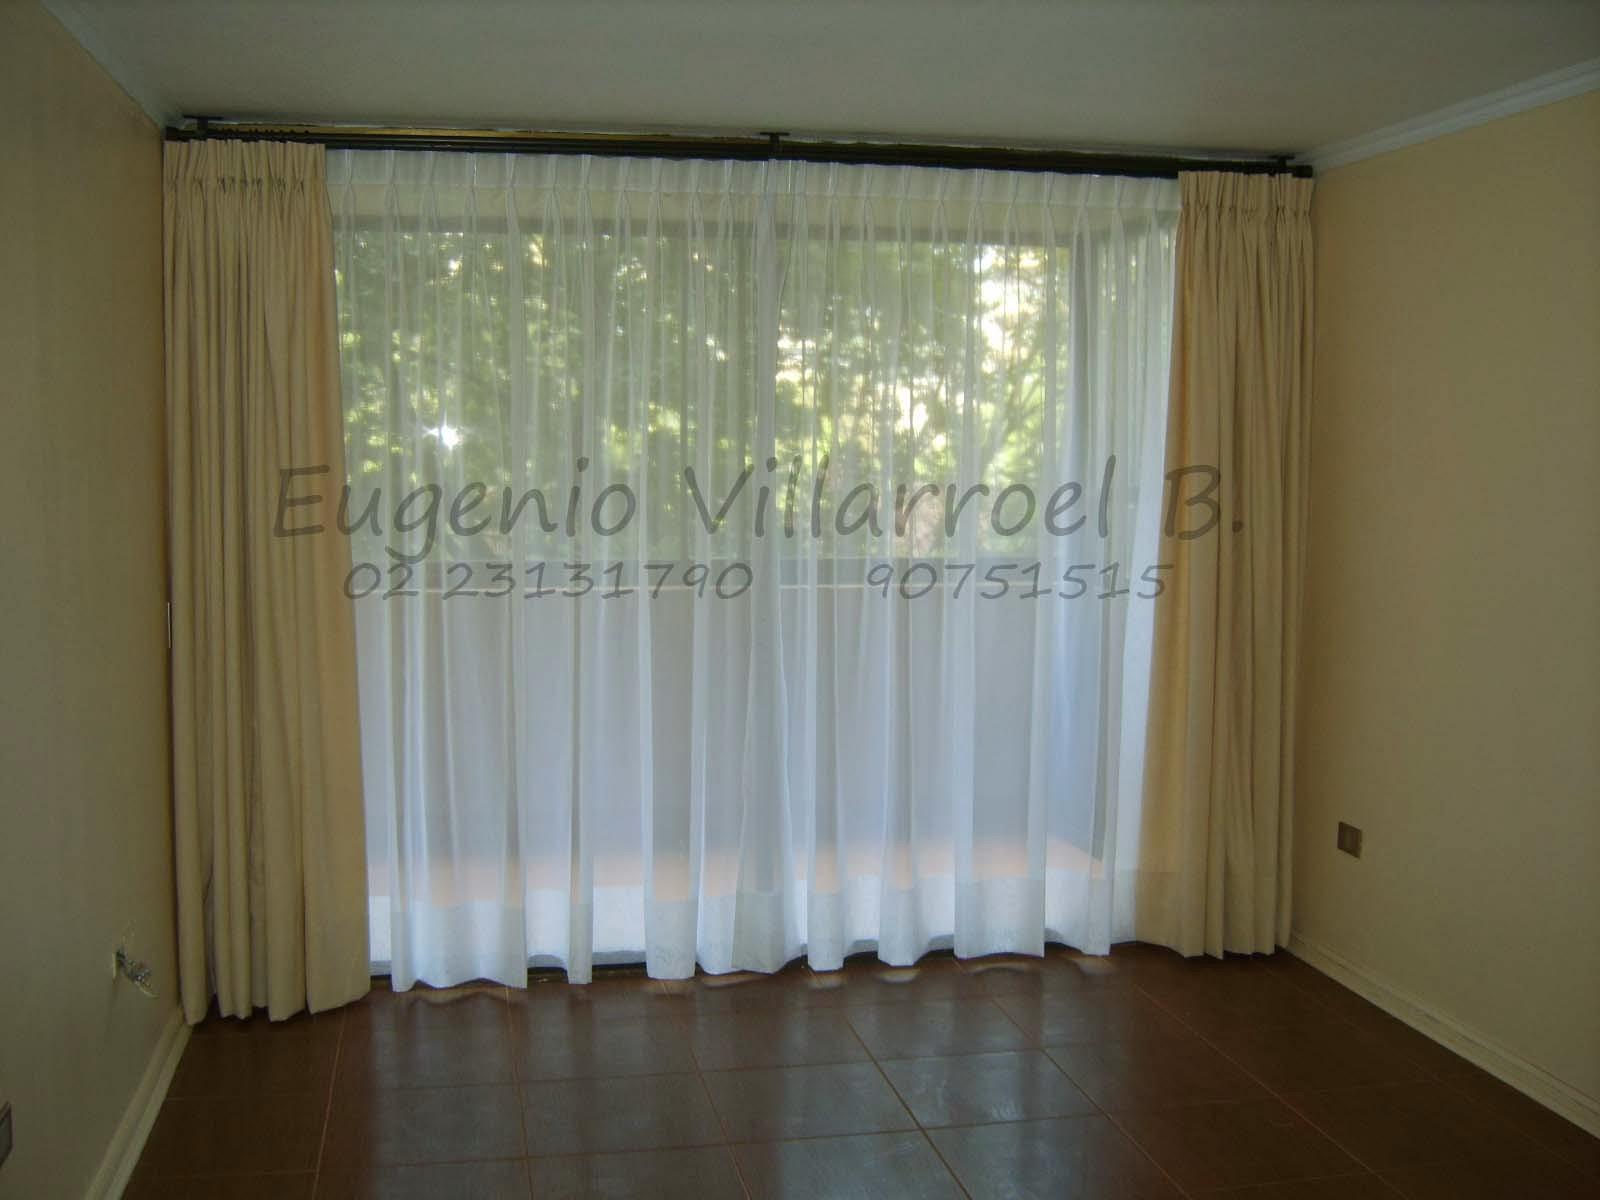 Confecci n e instalaci n de cortinas telas con visillo - Cortinas el visillo ...